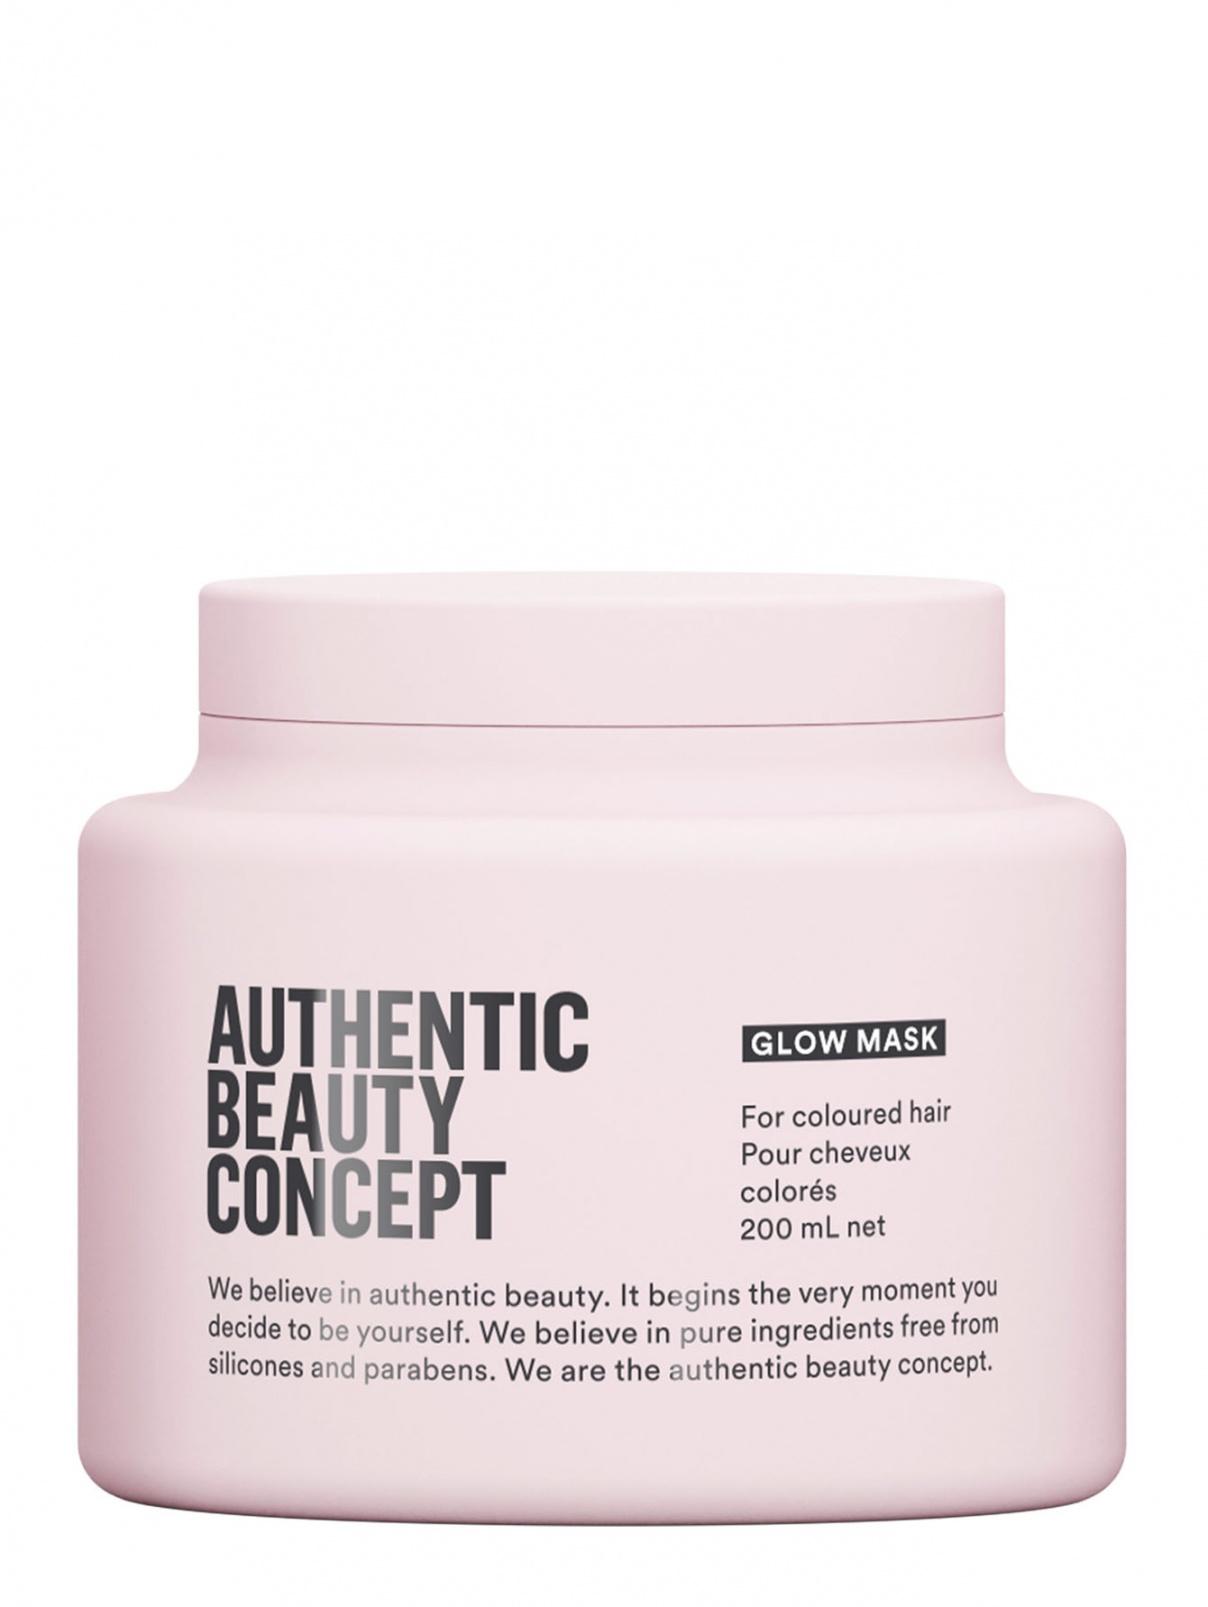 Маска для окрашенных волос Glow Mask 200 мл Authentic Beauty Concept  –  Общий вид